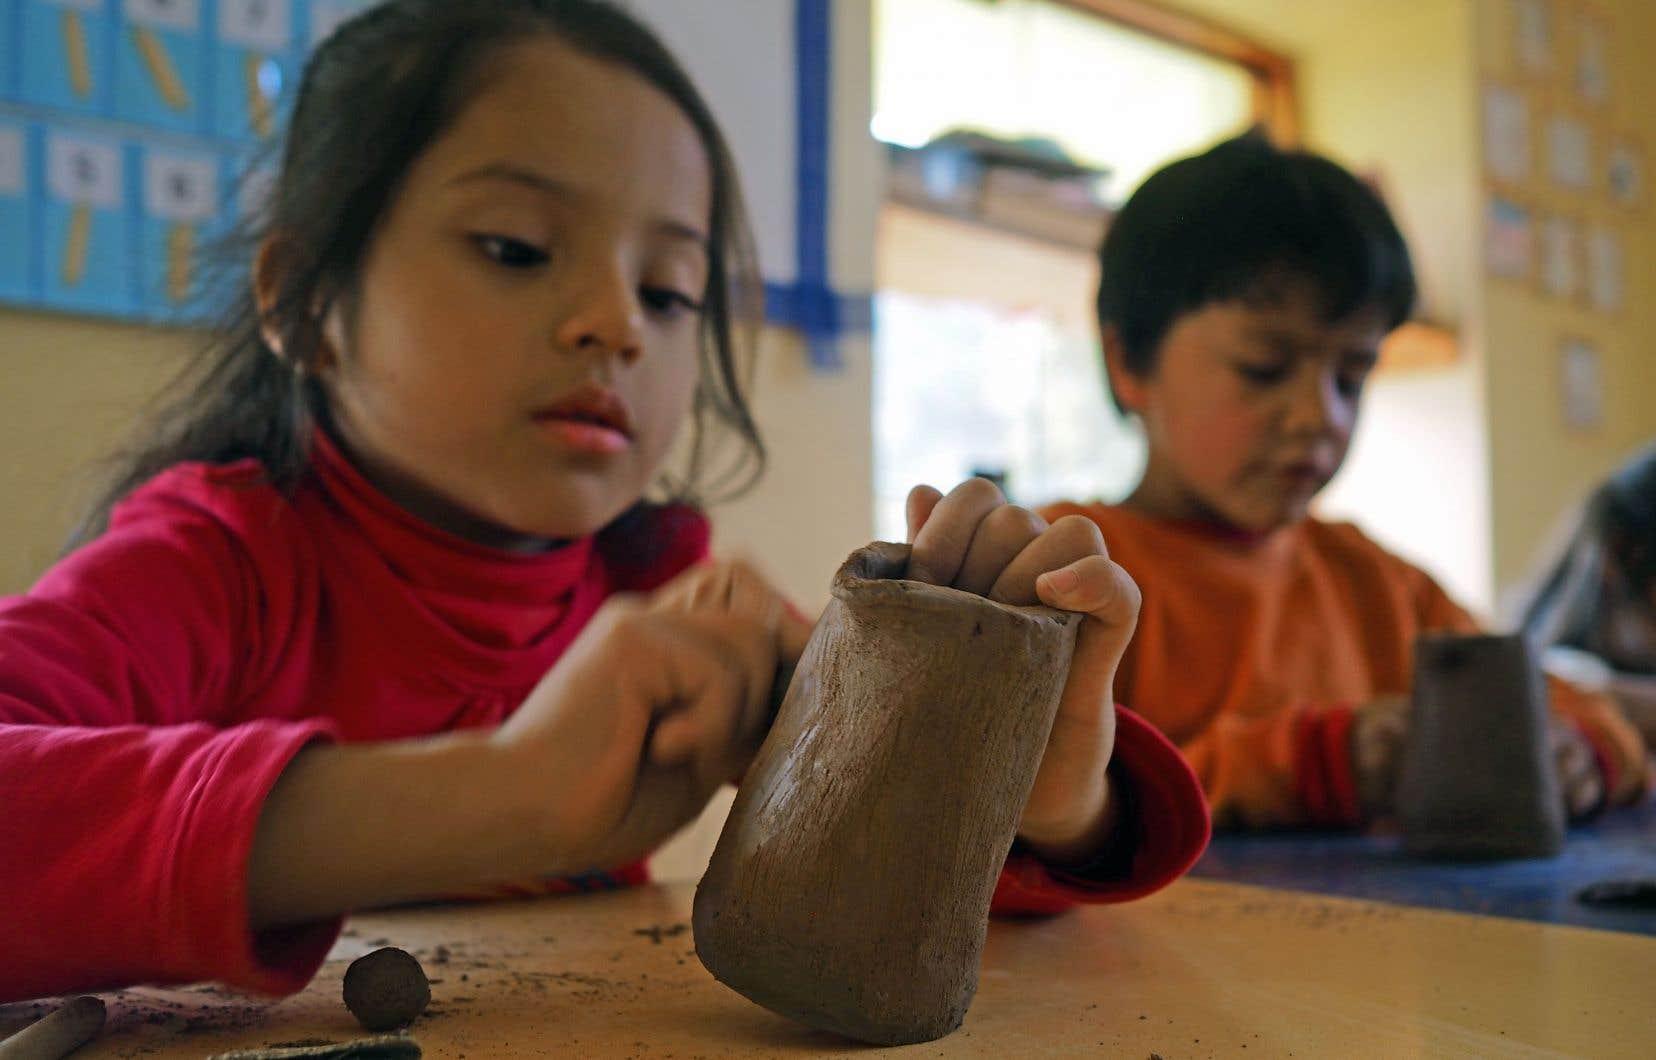 Des établissements comme Sol y Luna à Urubamba, dans la Vallée sacrée au Pérou, s'impliquent dans la communauté. Les propriétaires, Marie-Hélène (Petit) Miribel et Franz Schilter, ont ouvert une école interculturelle qui accueille 185 élèves provenant de 11 communautés.